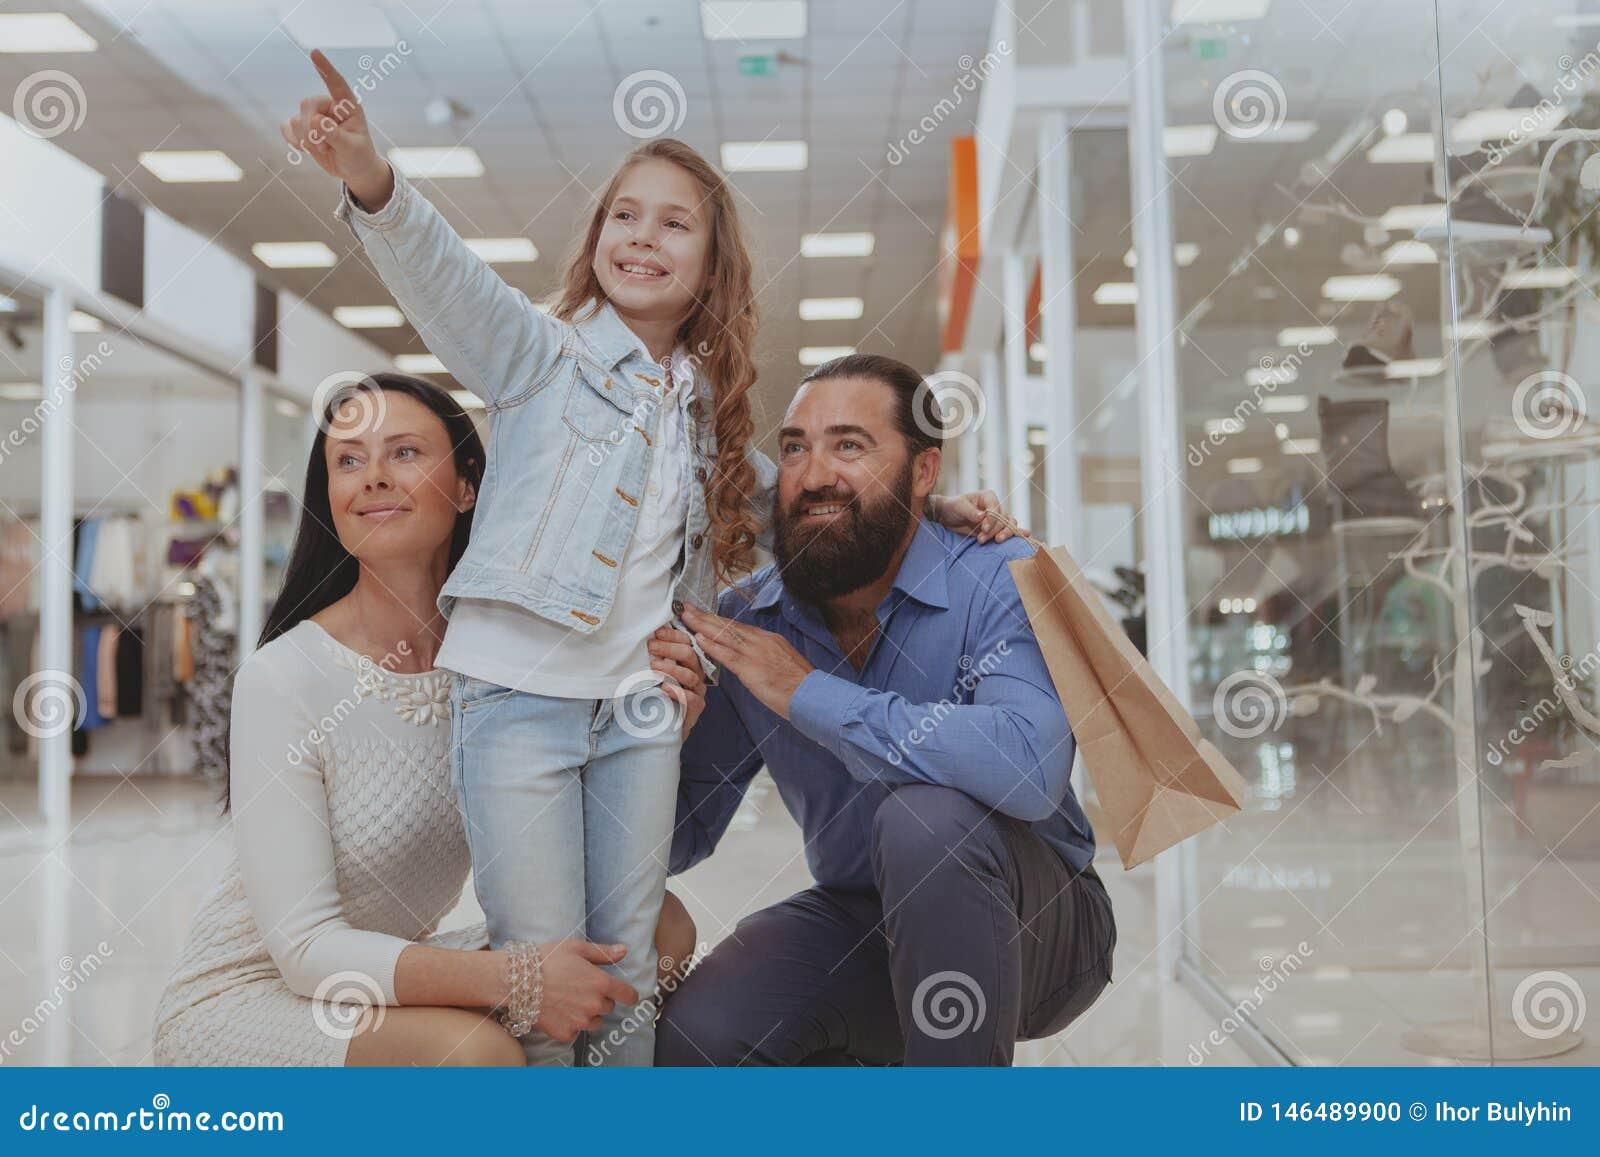 Ευτυχής οικογένεια που ψωνίζει στη λεωφόρο από κοινού